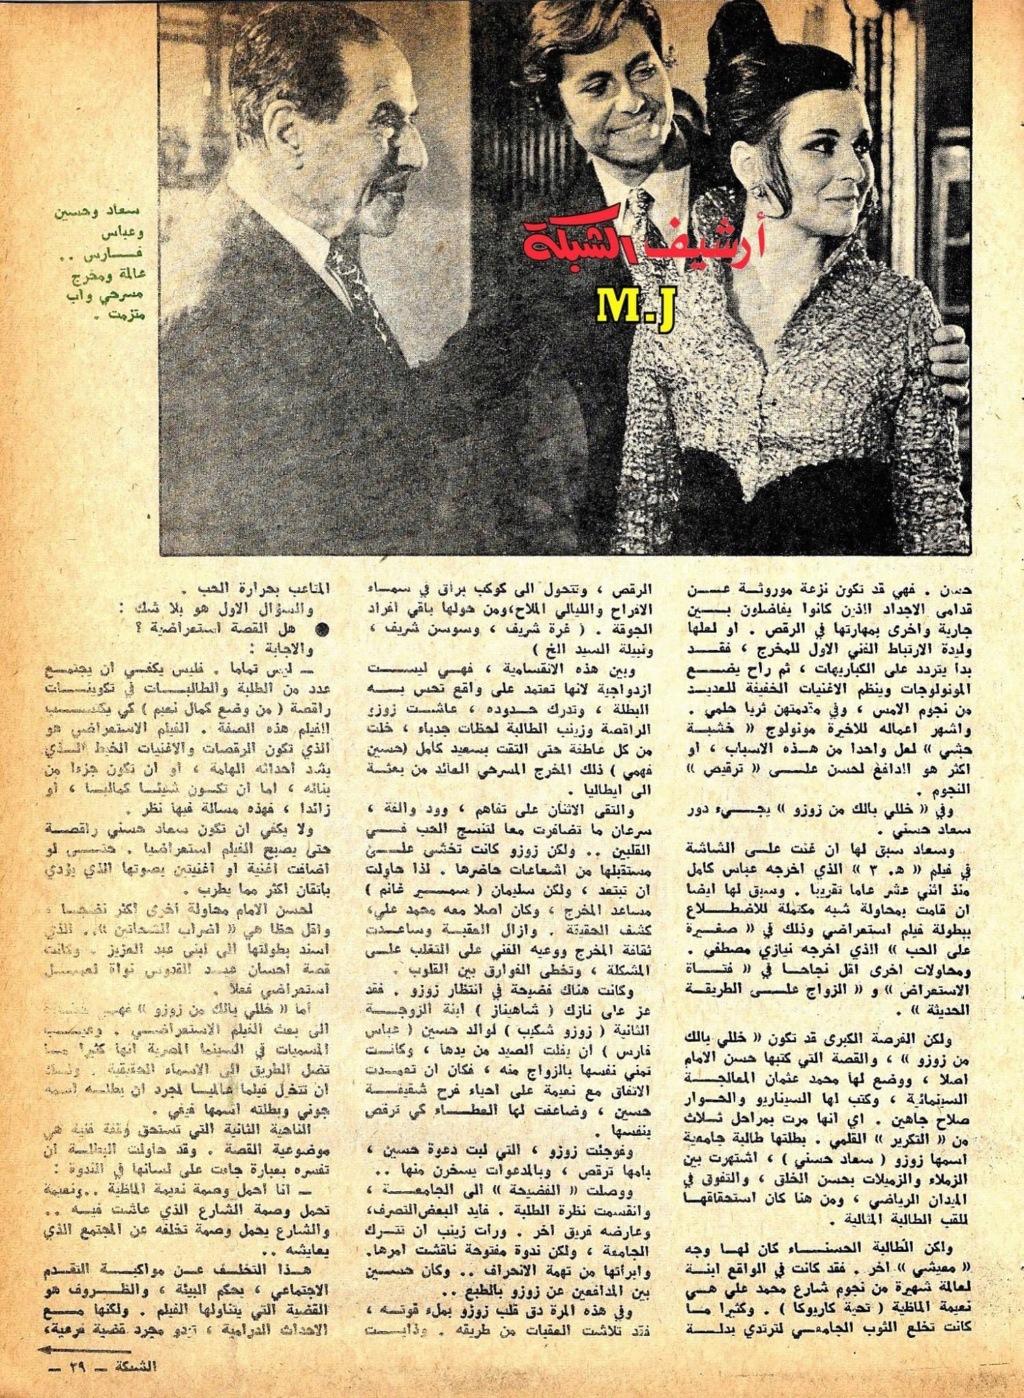 نقد صحفي : حسن الامام .. وعقدة .. العشرة بلدي .. 1972 م 2376